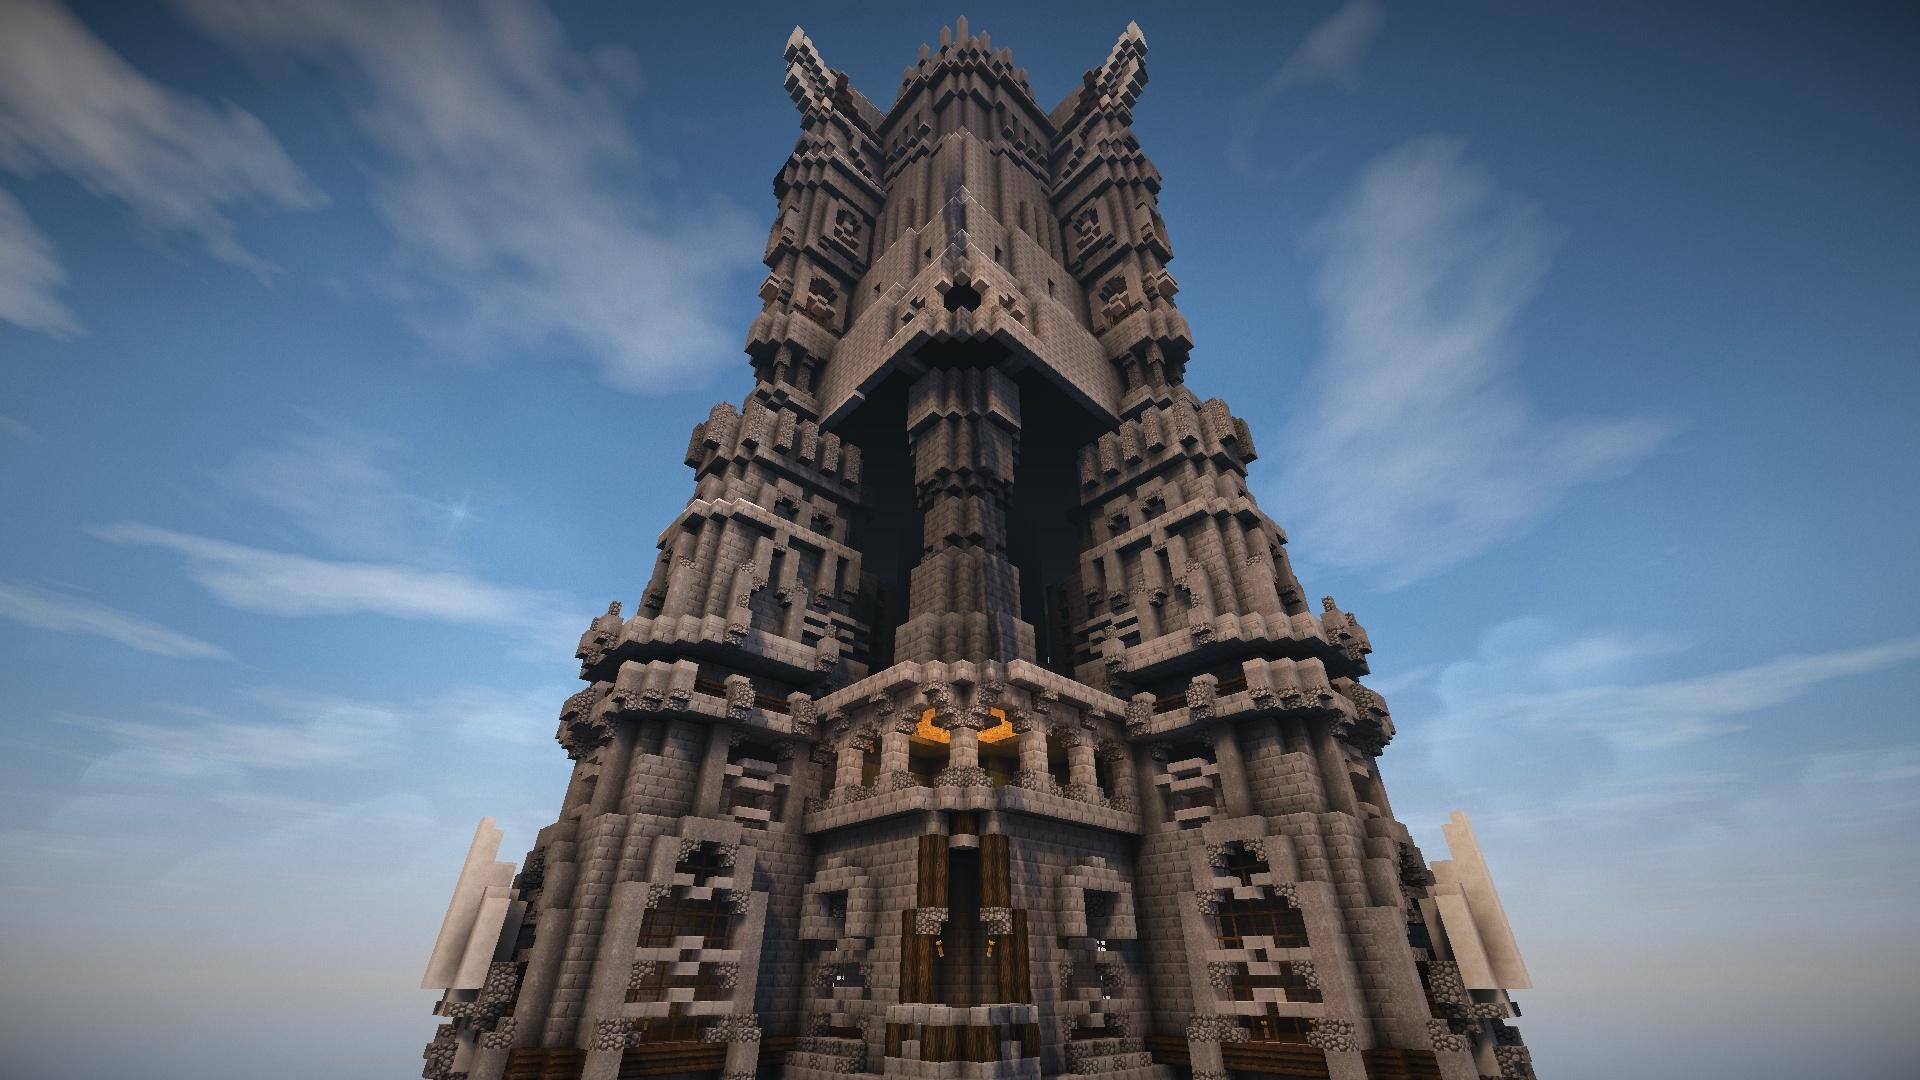 Hé oui je pense que vous avez reconnu la tour de saroumane du seigneur des anneaux !